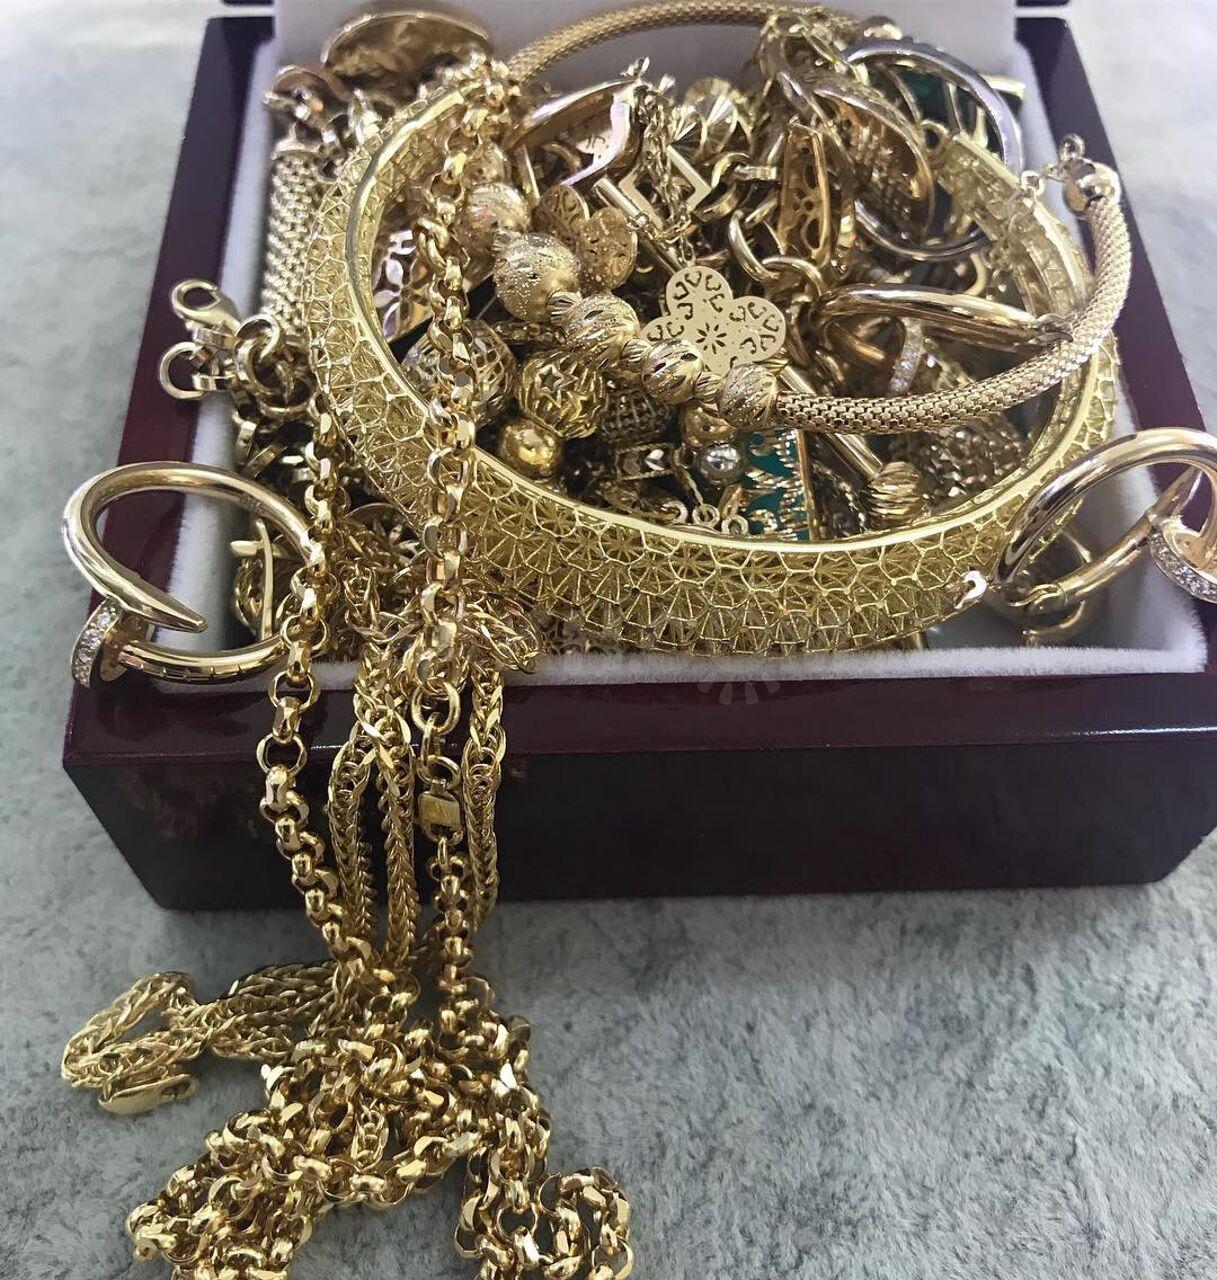 Лом Золото 585 пробы - 1600 руб. Подарки и сувениры. Ювелирные ... 78a5adfb0a4